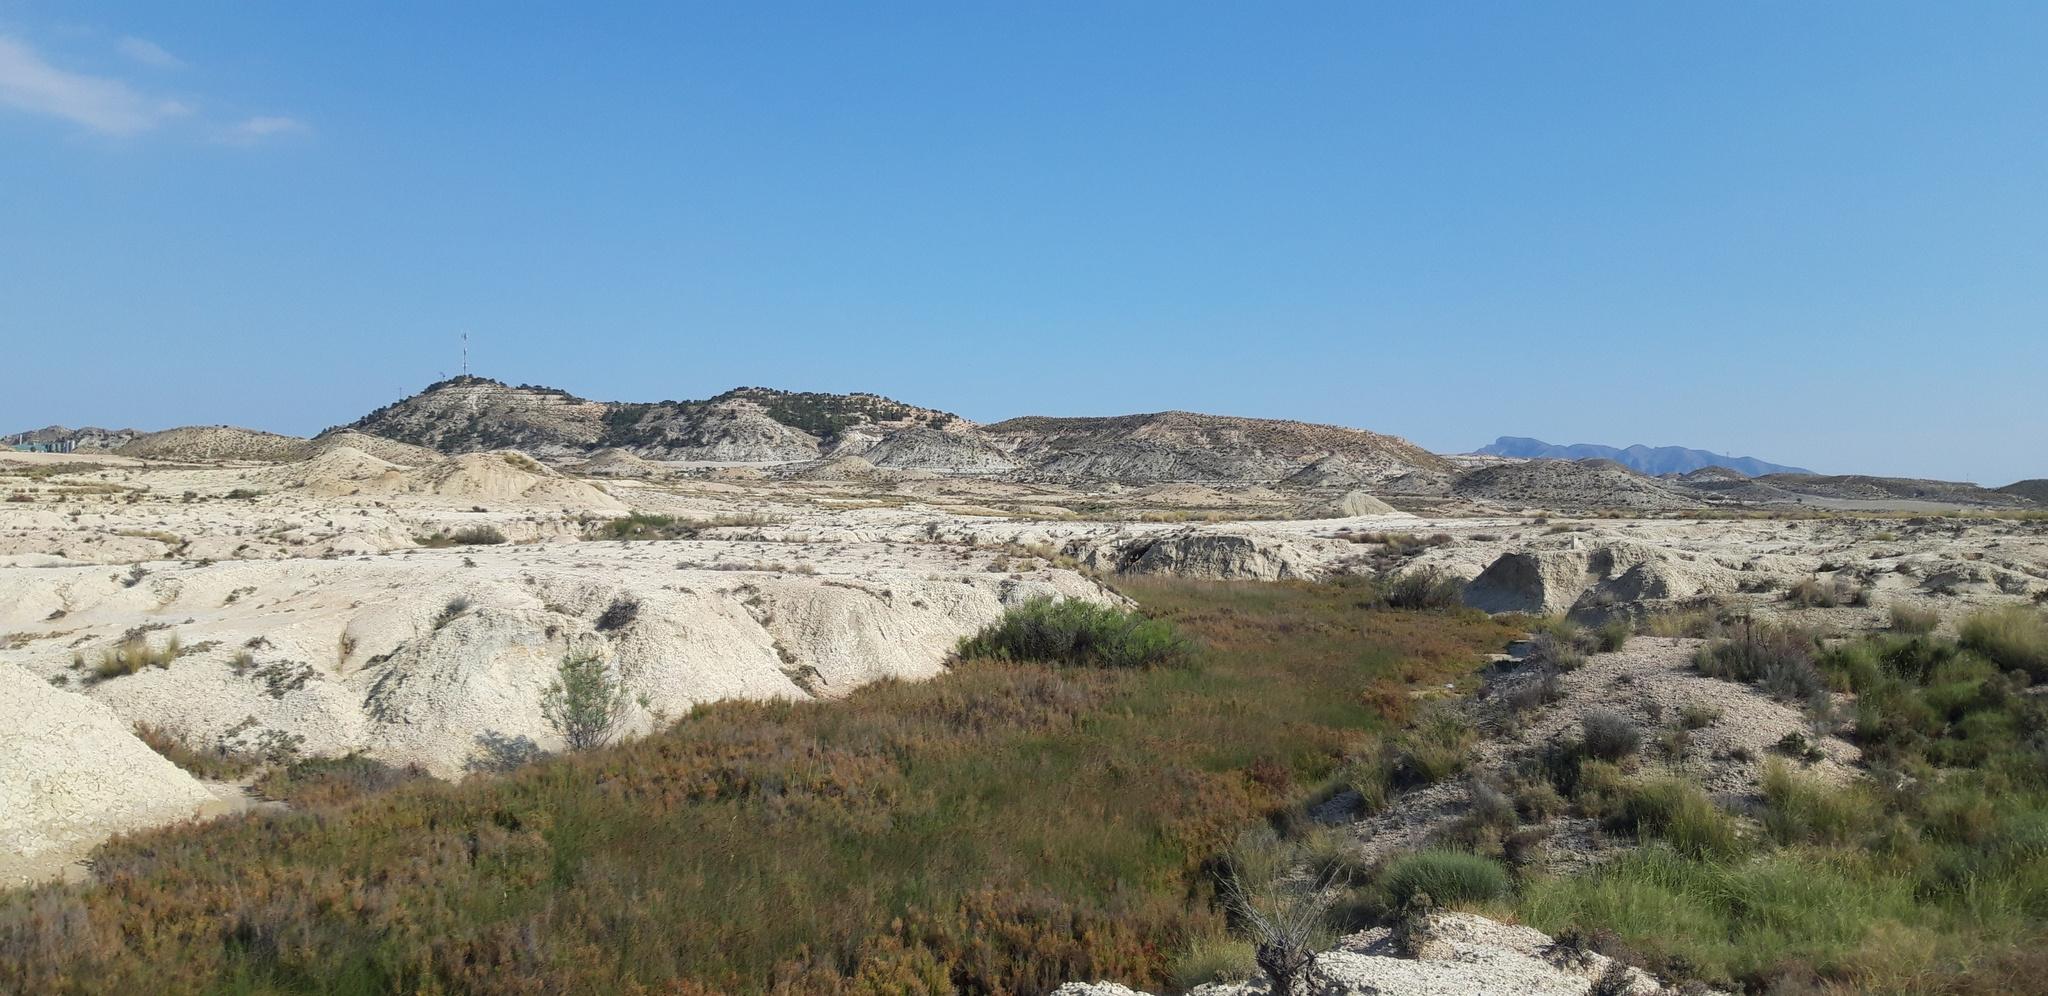 Imagen del paraje Lozorra, próximo al espacio natural protegido del 'Humedal de Ajauque y Rambla Salada', en el término municipal de Fortuna. Imagen: CARM